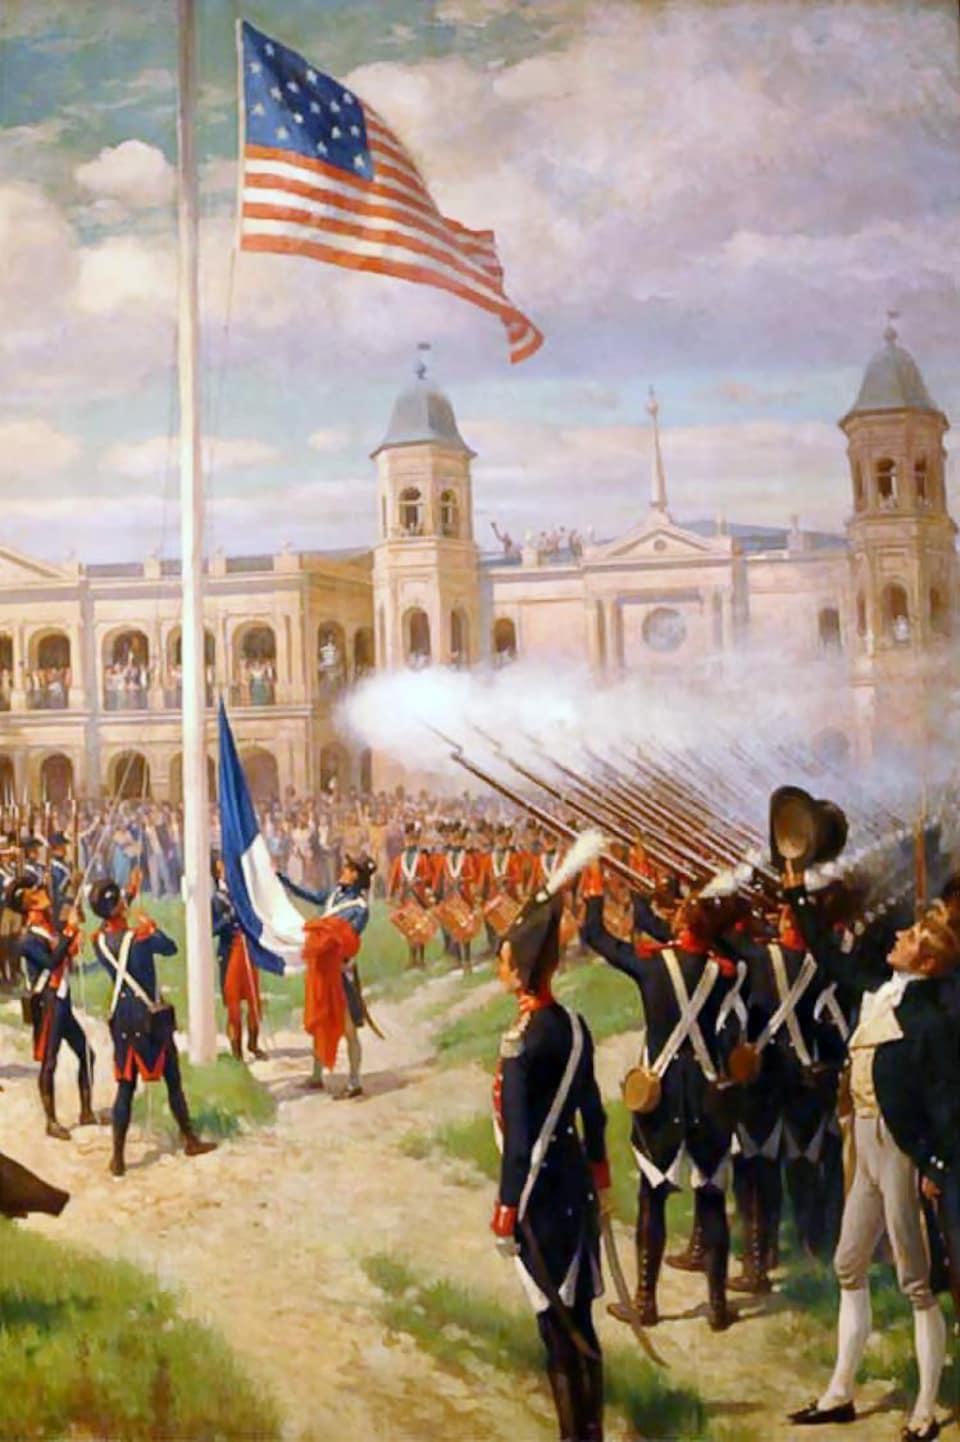 Première levée du drapeau américain sur la Place d'Armes de La Nouvelle-Orléans, le 10 mars 1804.